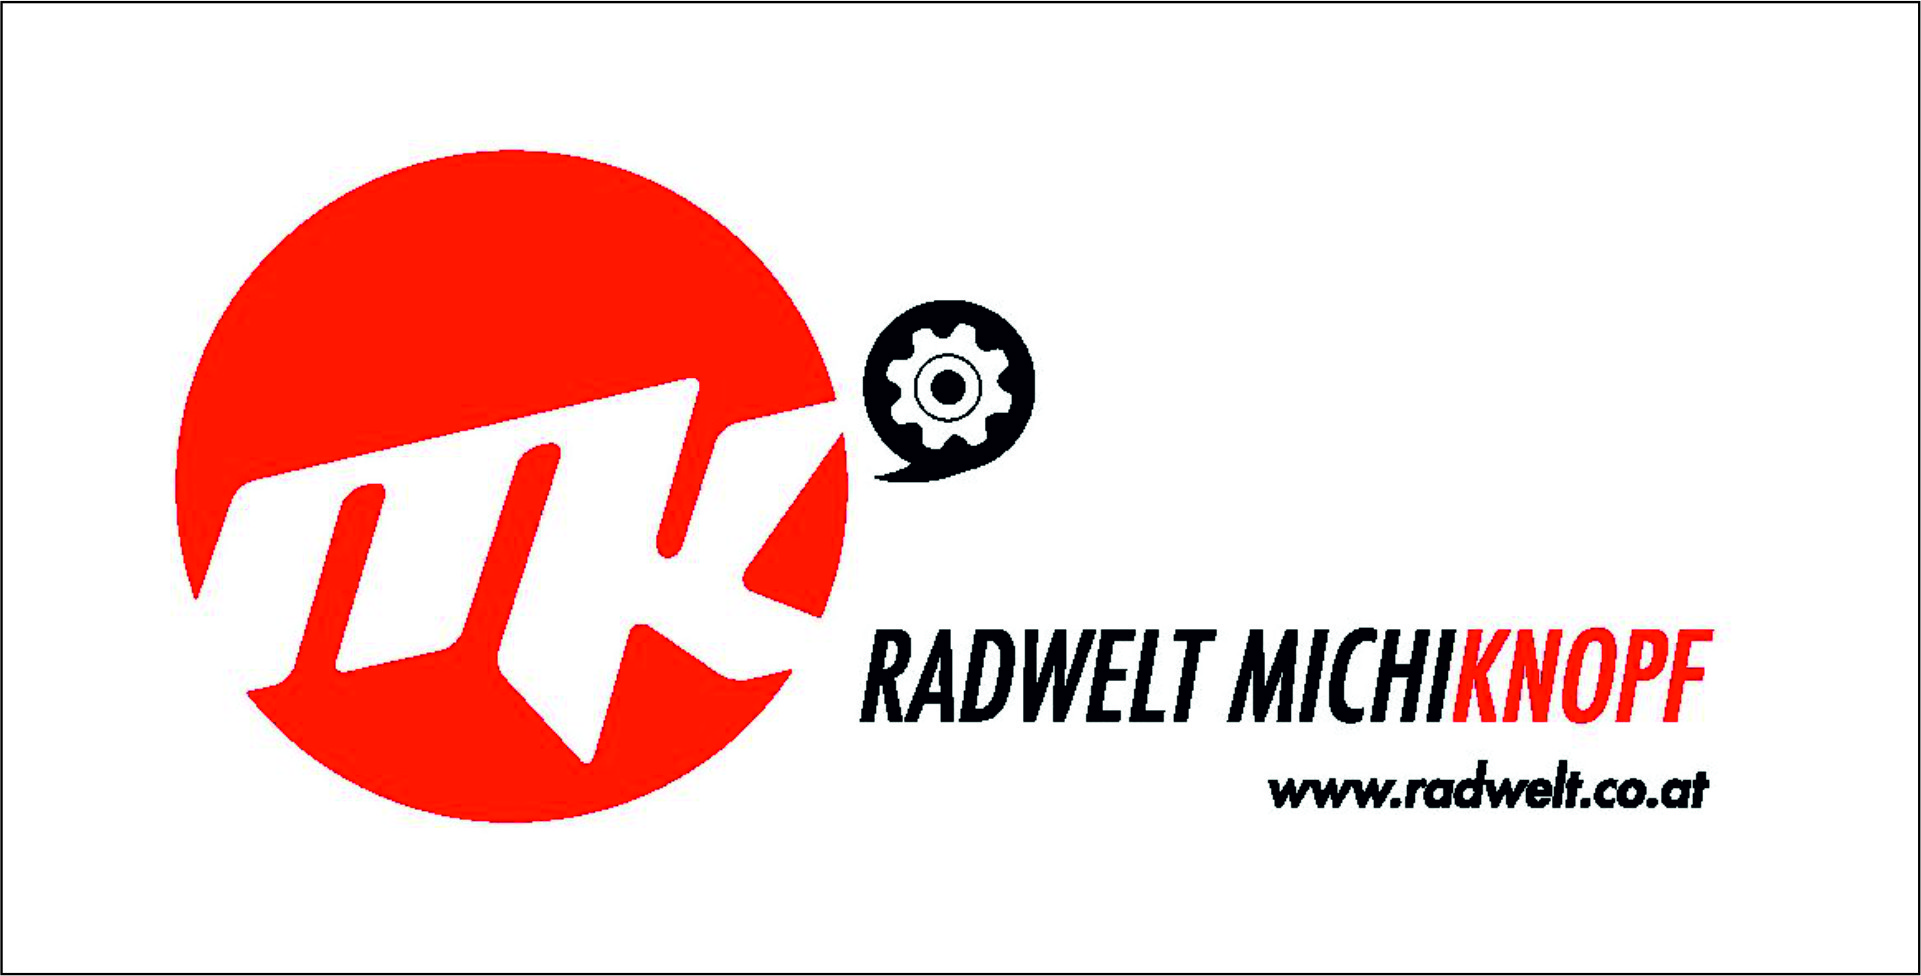 Logo von der Radwelt Michael Knopf